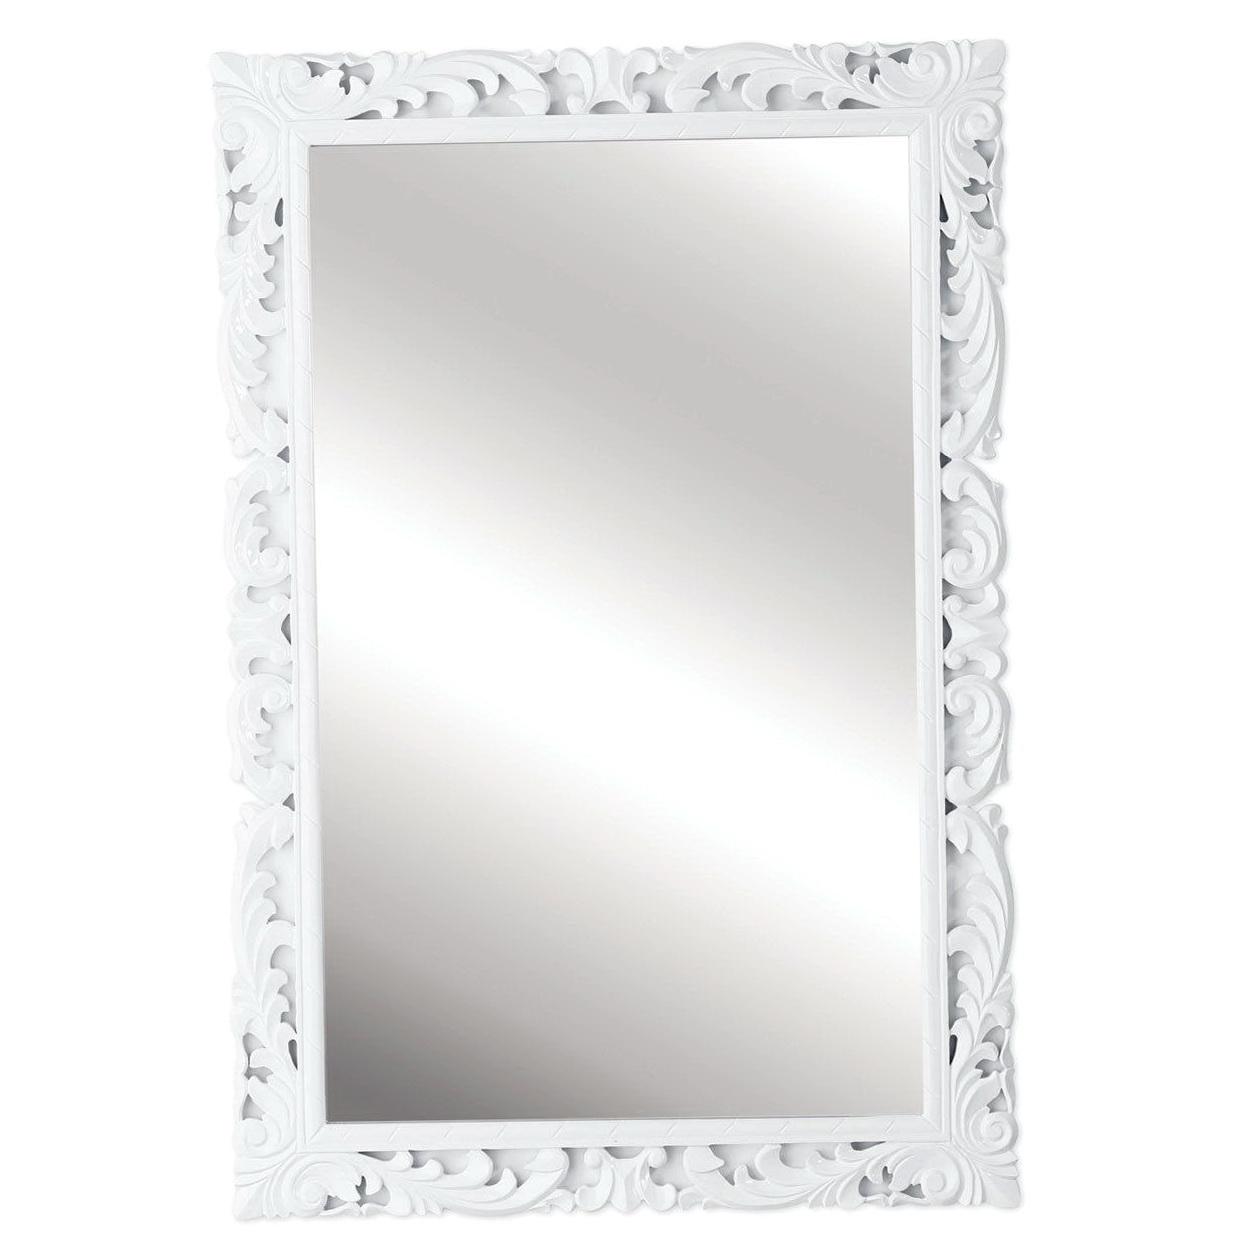 High Gloss White Framed Mirrors